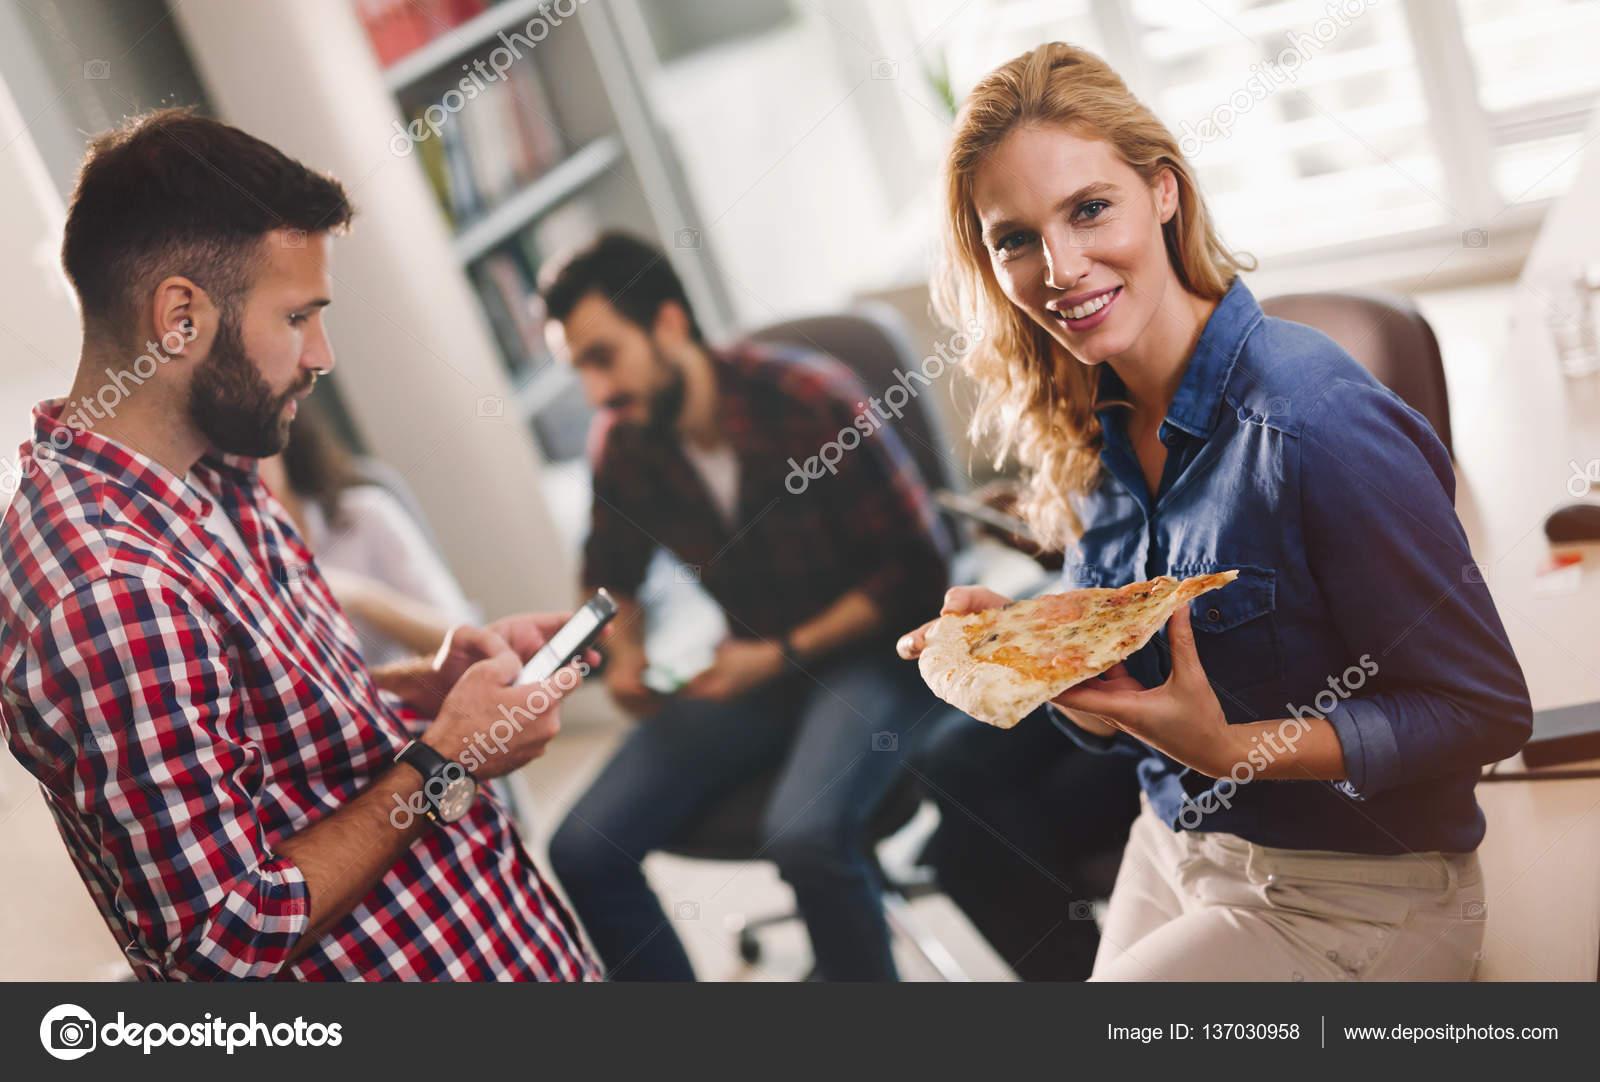 Kollegen Essen Pizza Wahrend Der Pause Im Buro Stockfoto C Nd3000